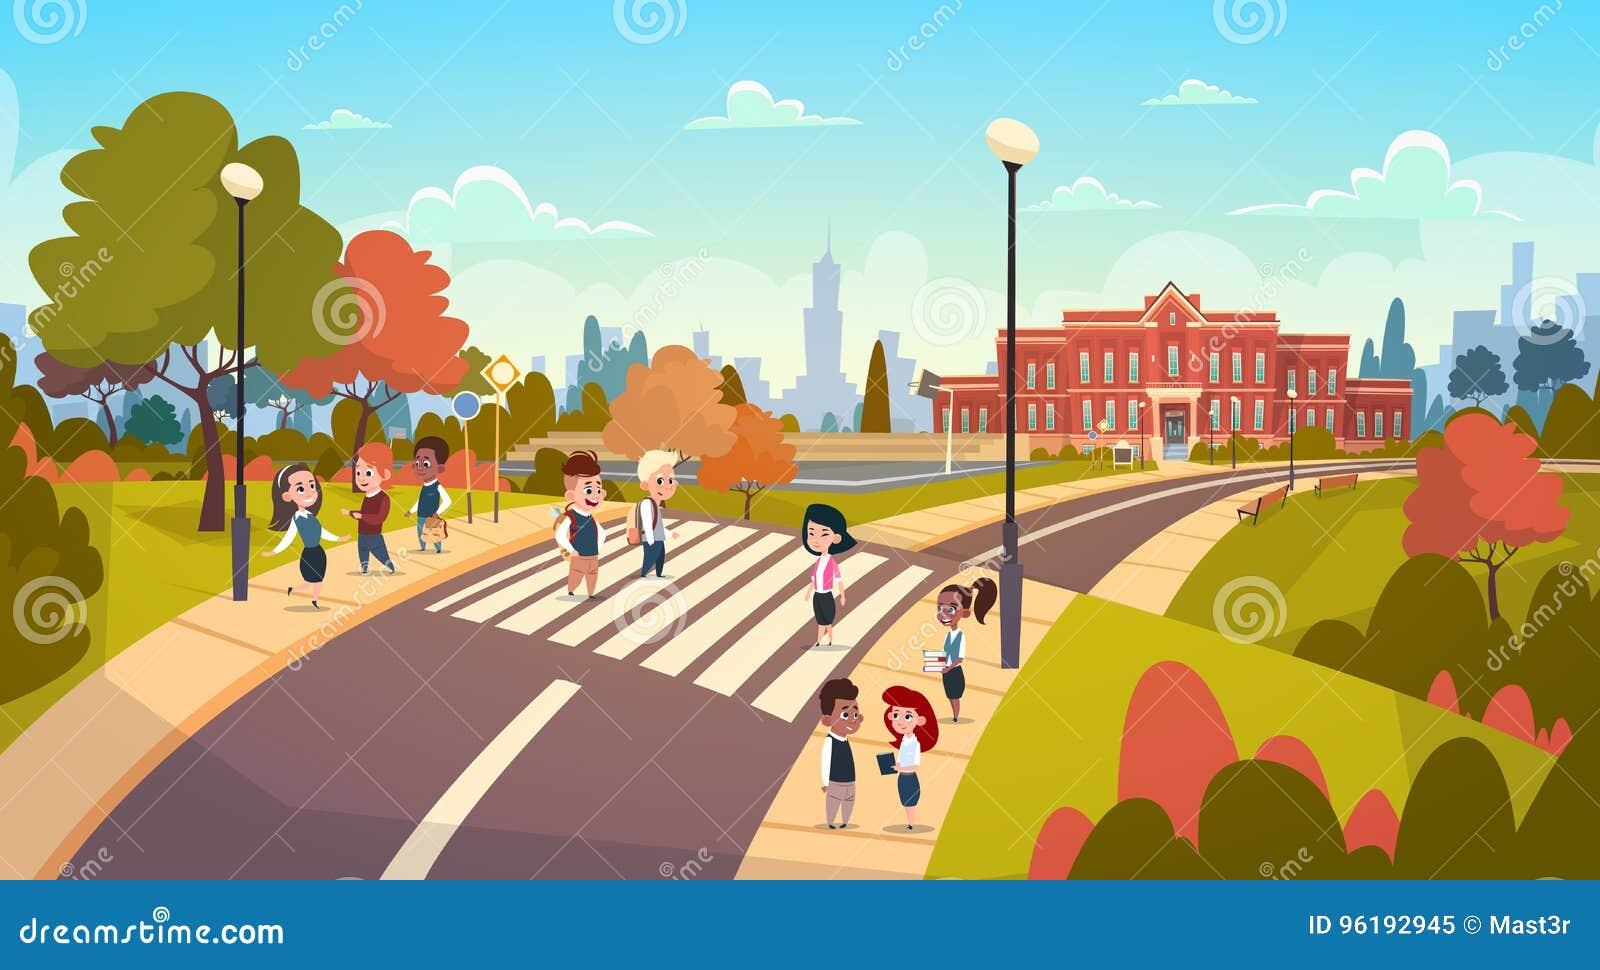 走在行人穿越道混合种族学生的小组学生去过路学生护送街道